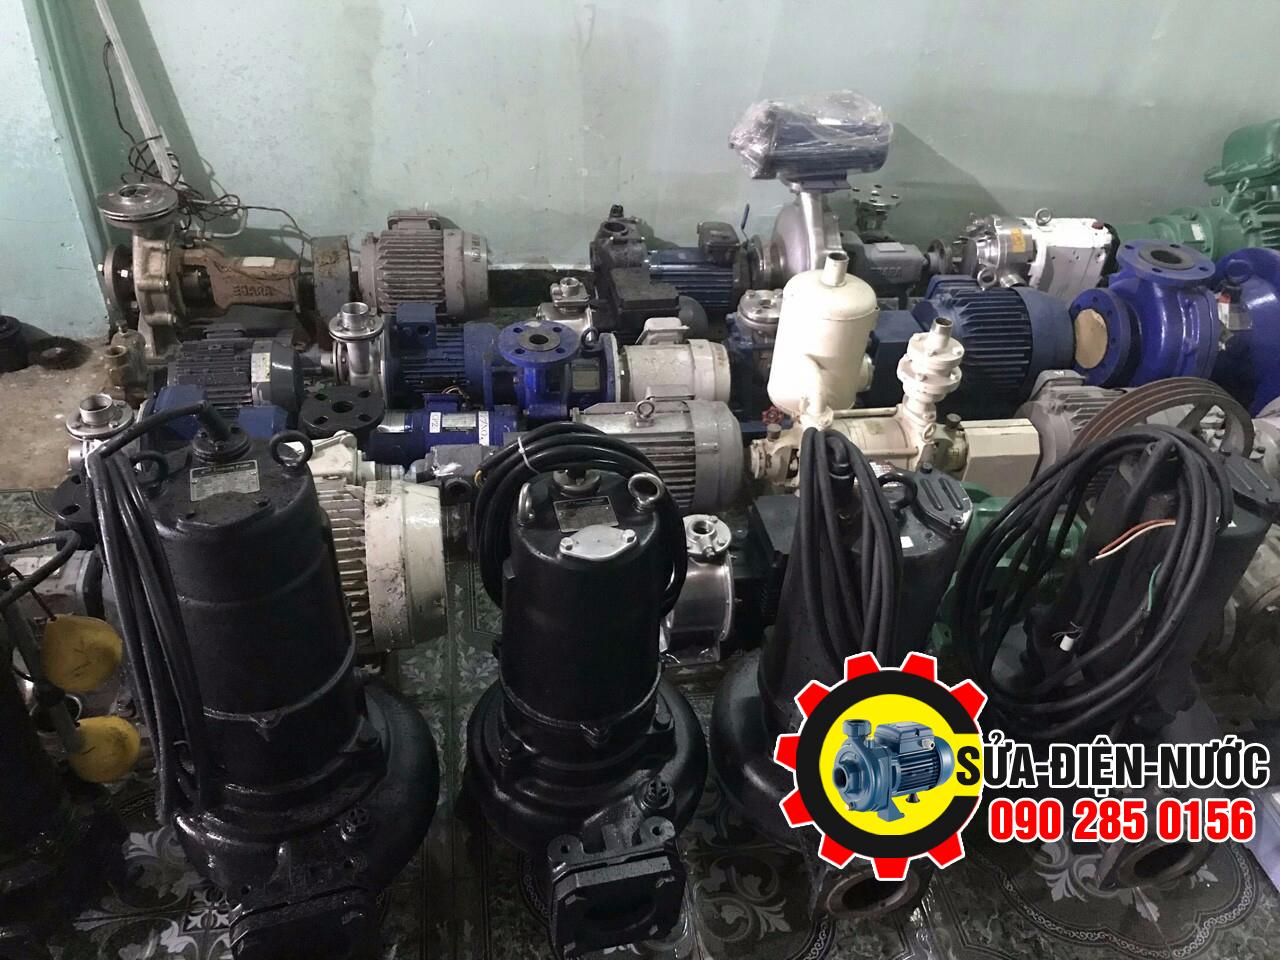 Sửa máy bơm nước tại Vĩnh Lộc Bình Chánh 0902 850 156